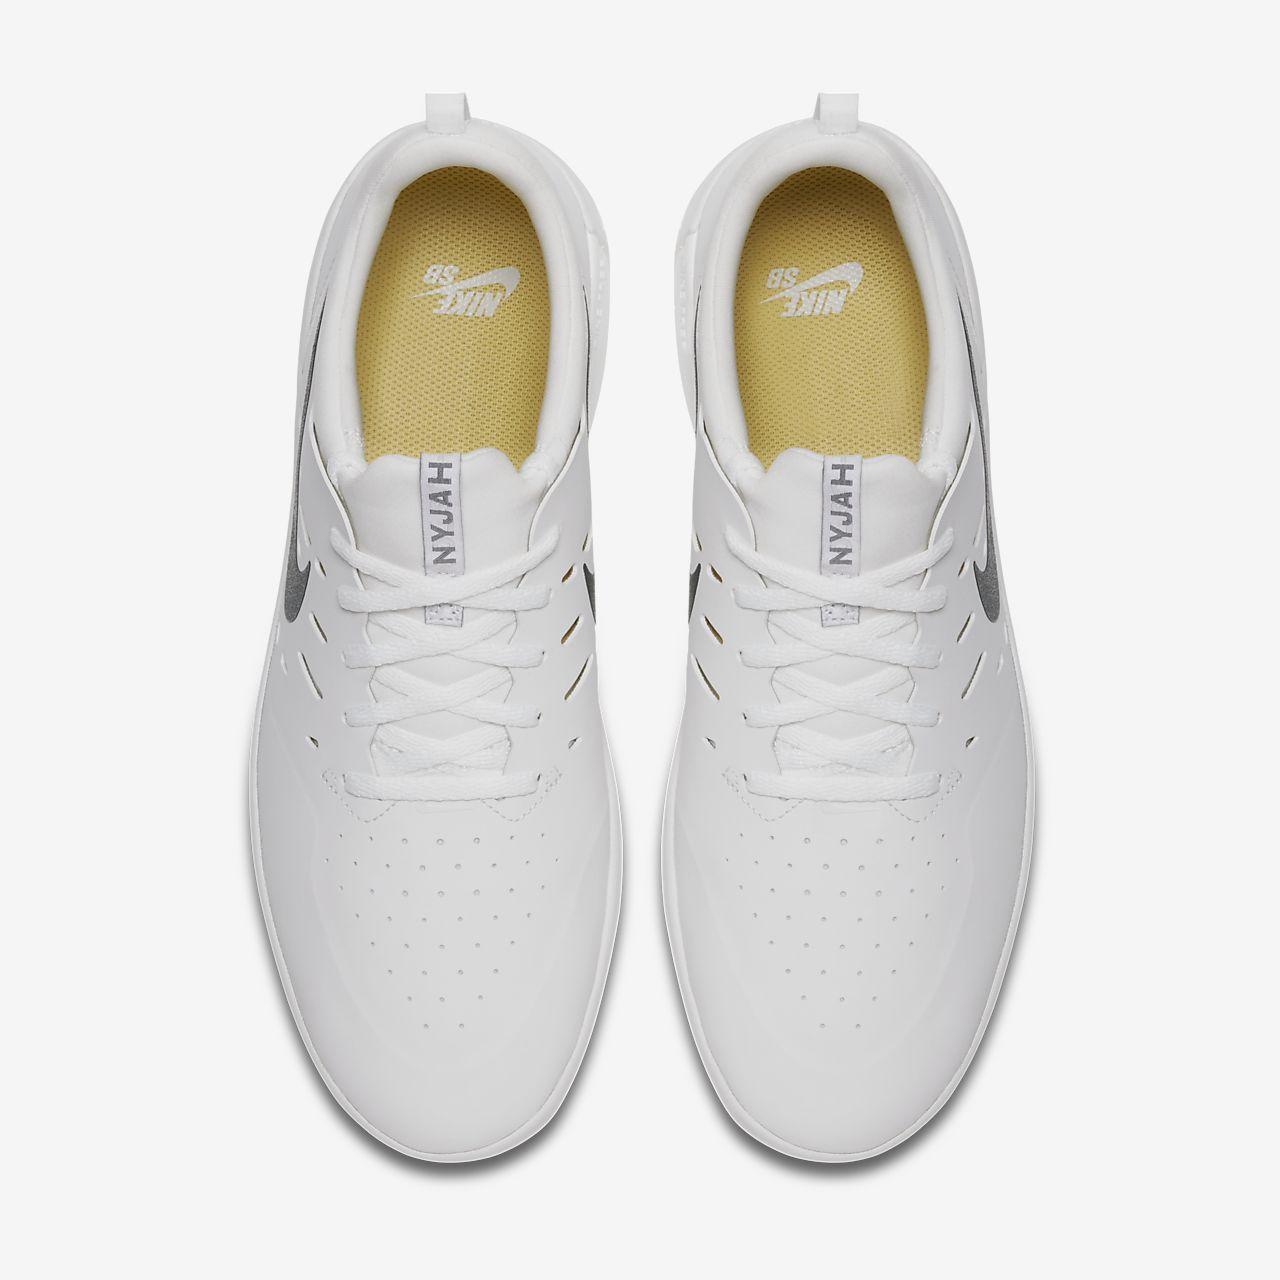 da0c17bef35 Nike SB Nyjah Free Skate Shoe. Nike.com